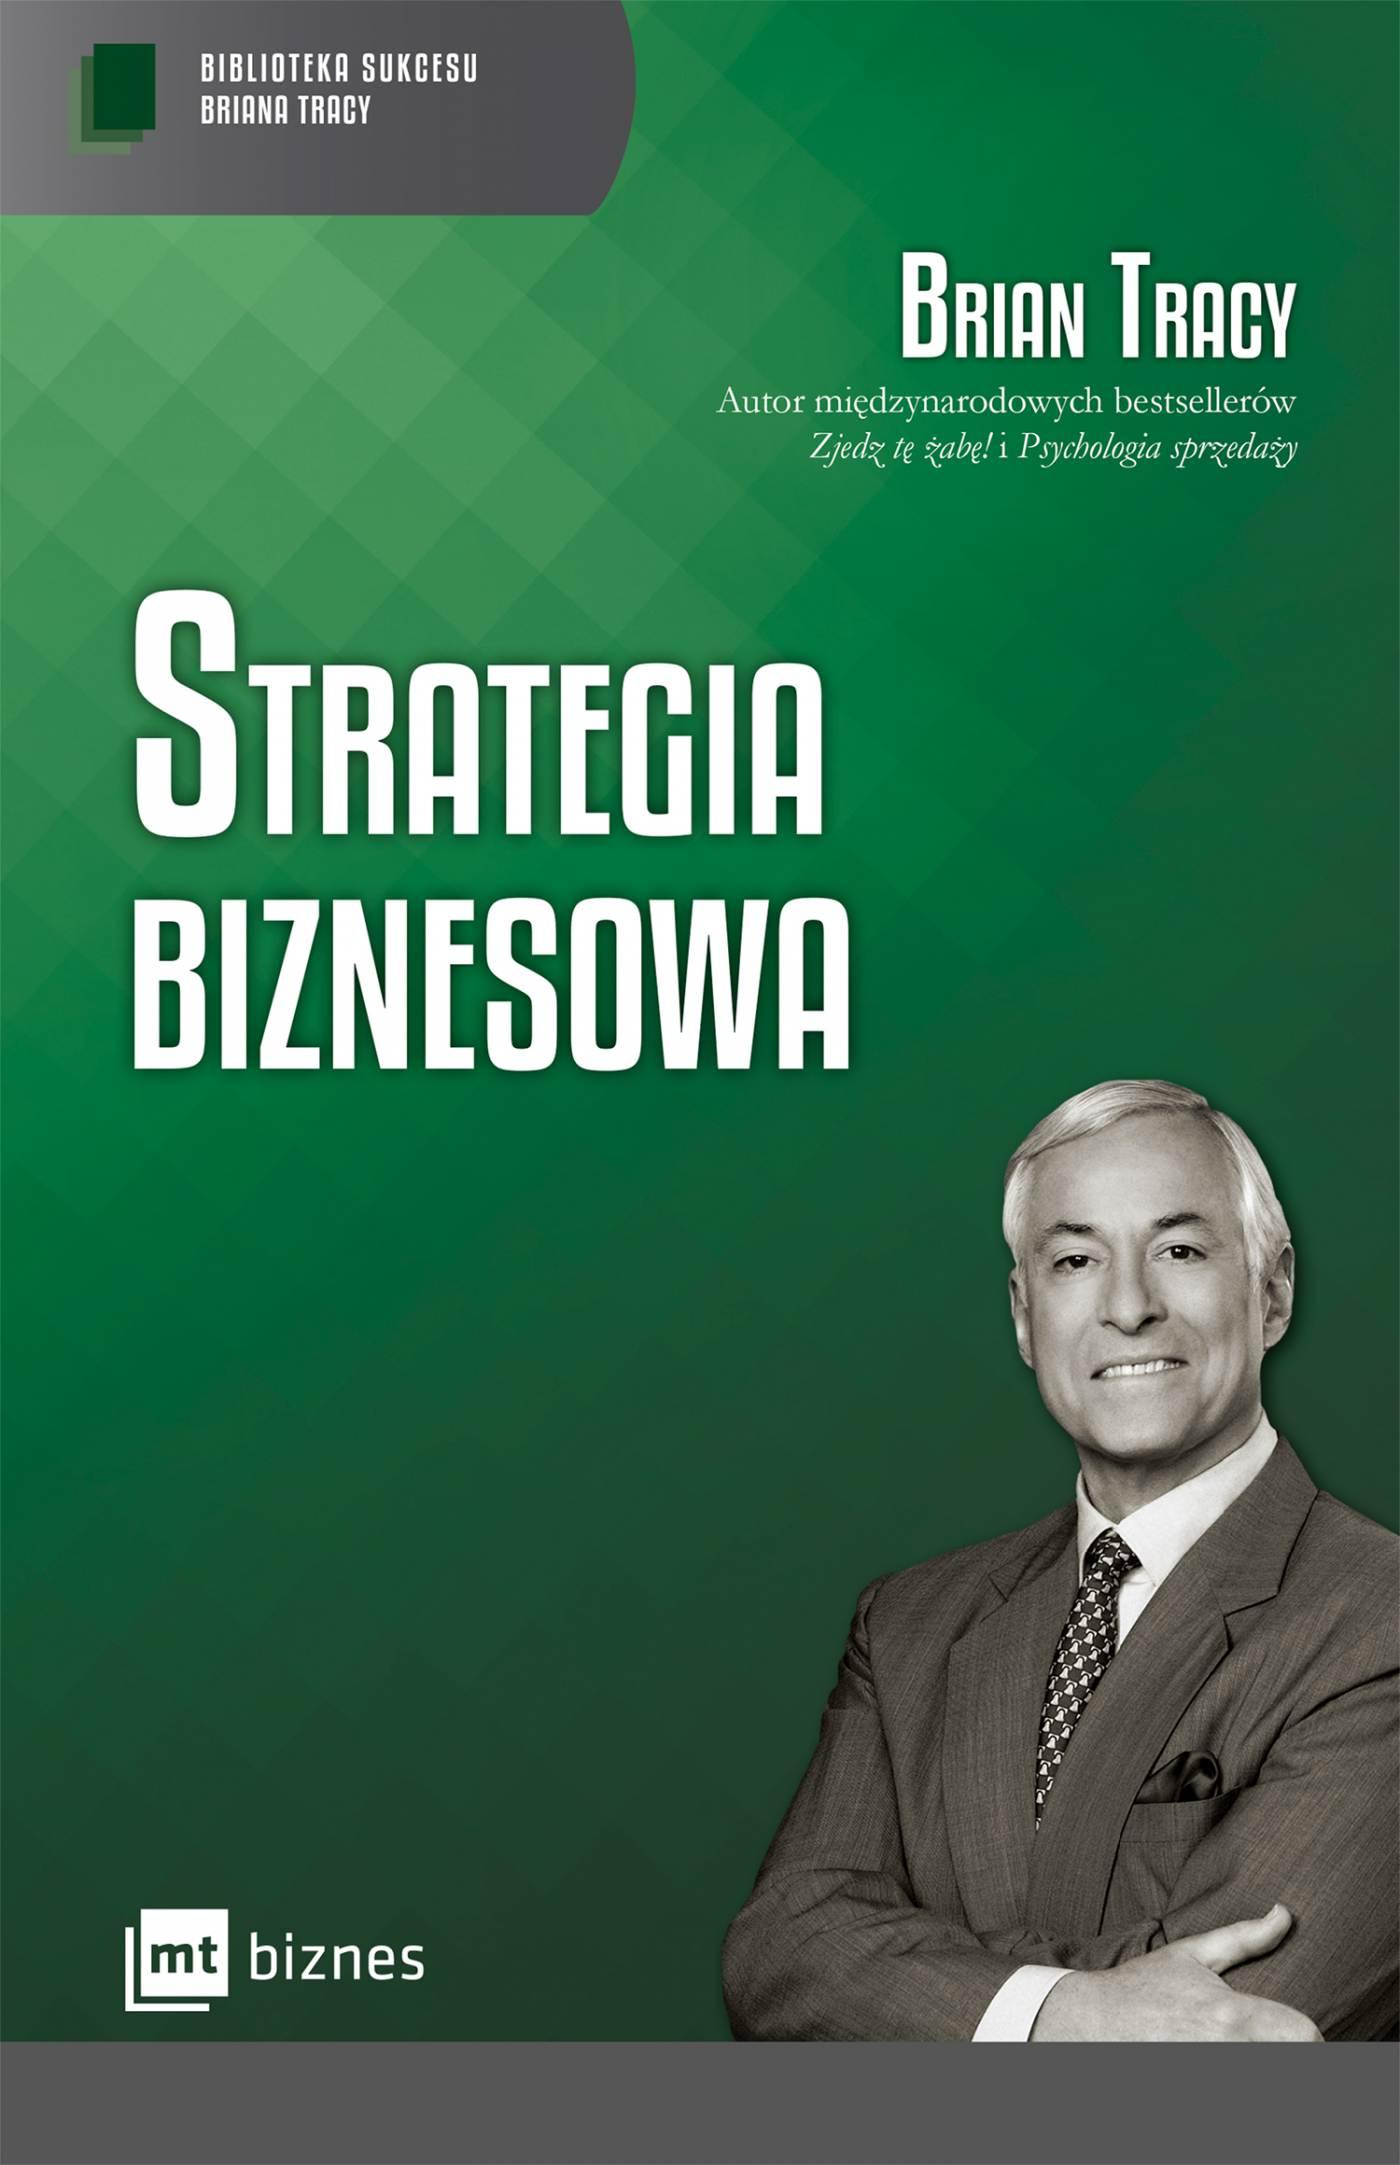 Strategia biznesowa - Ebook (Książka na Kindle) do pobrania w formacie MOBI